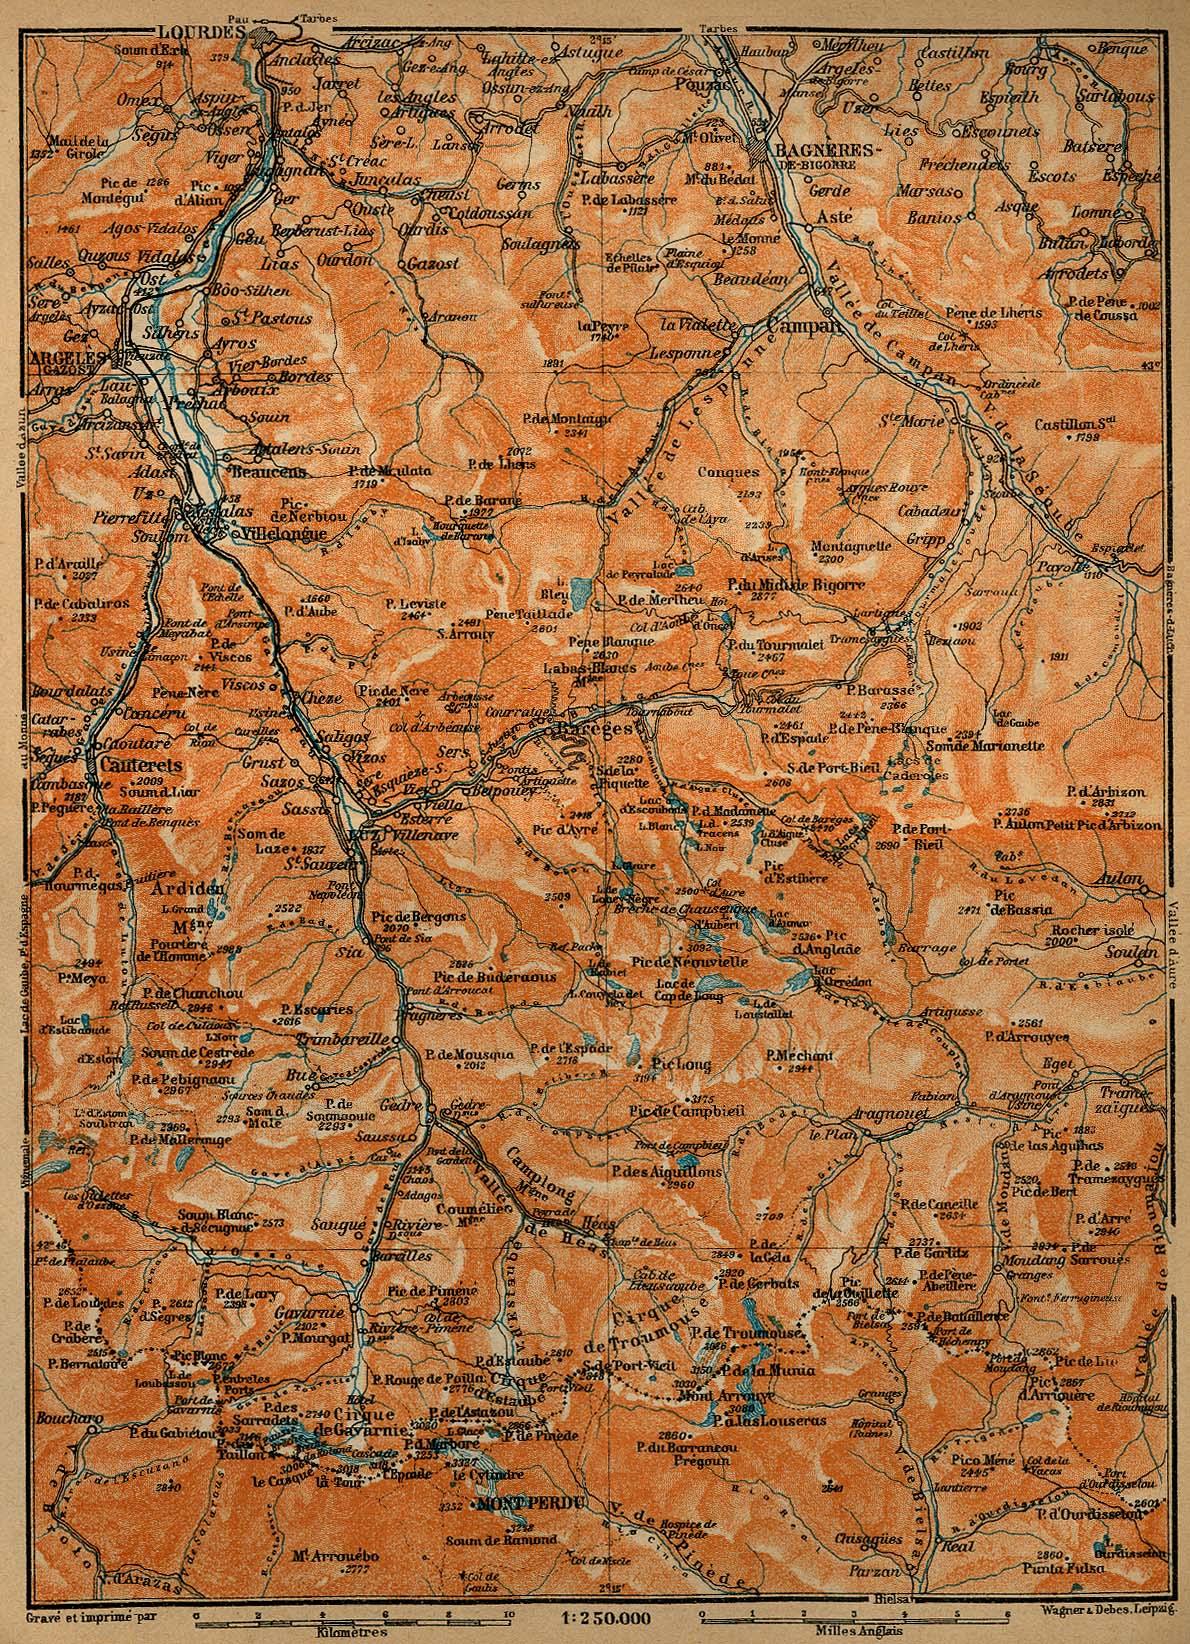 Mapa de las Cercanías de Luz-St-Sauveur, Barèges y Gavarnie, Francia 1914